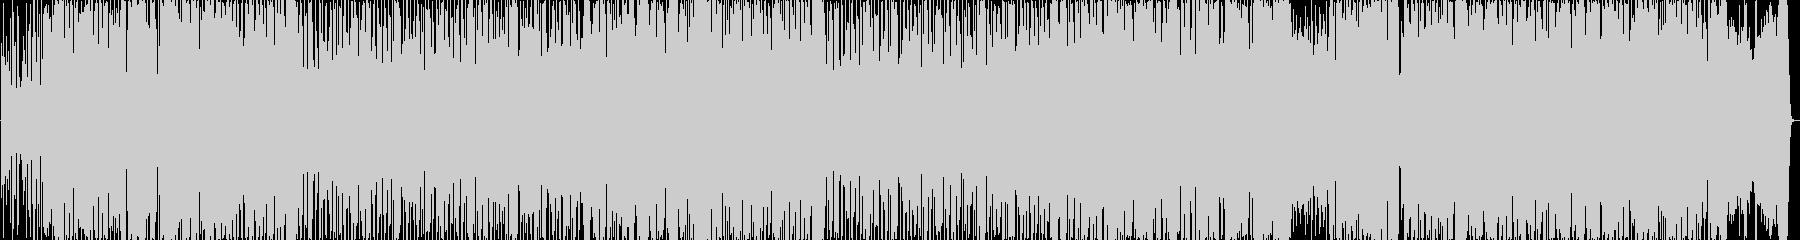 ジャニーズ系ポップ風のノリノリのBGMの未再生の波形